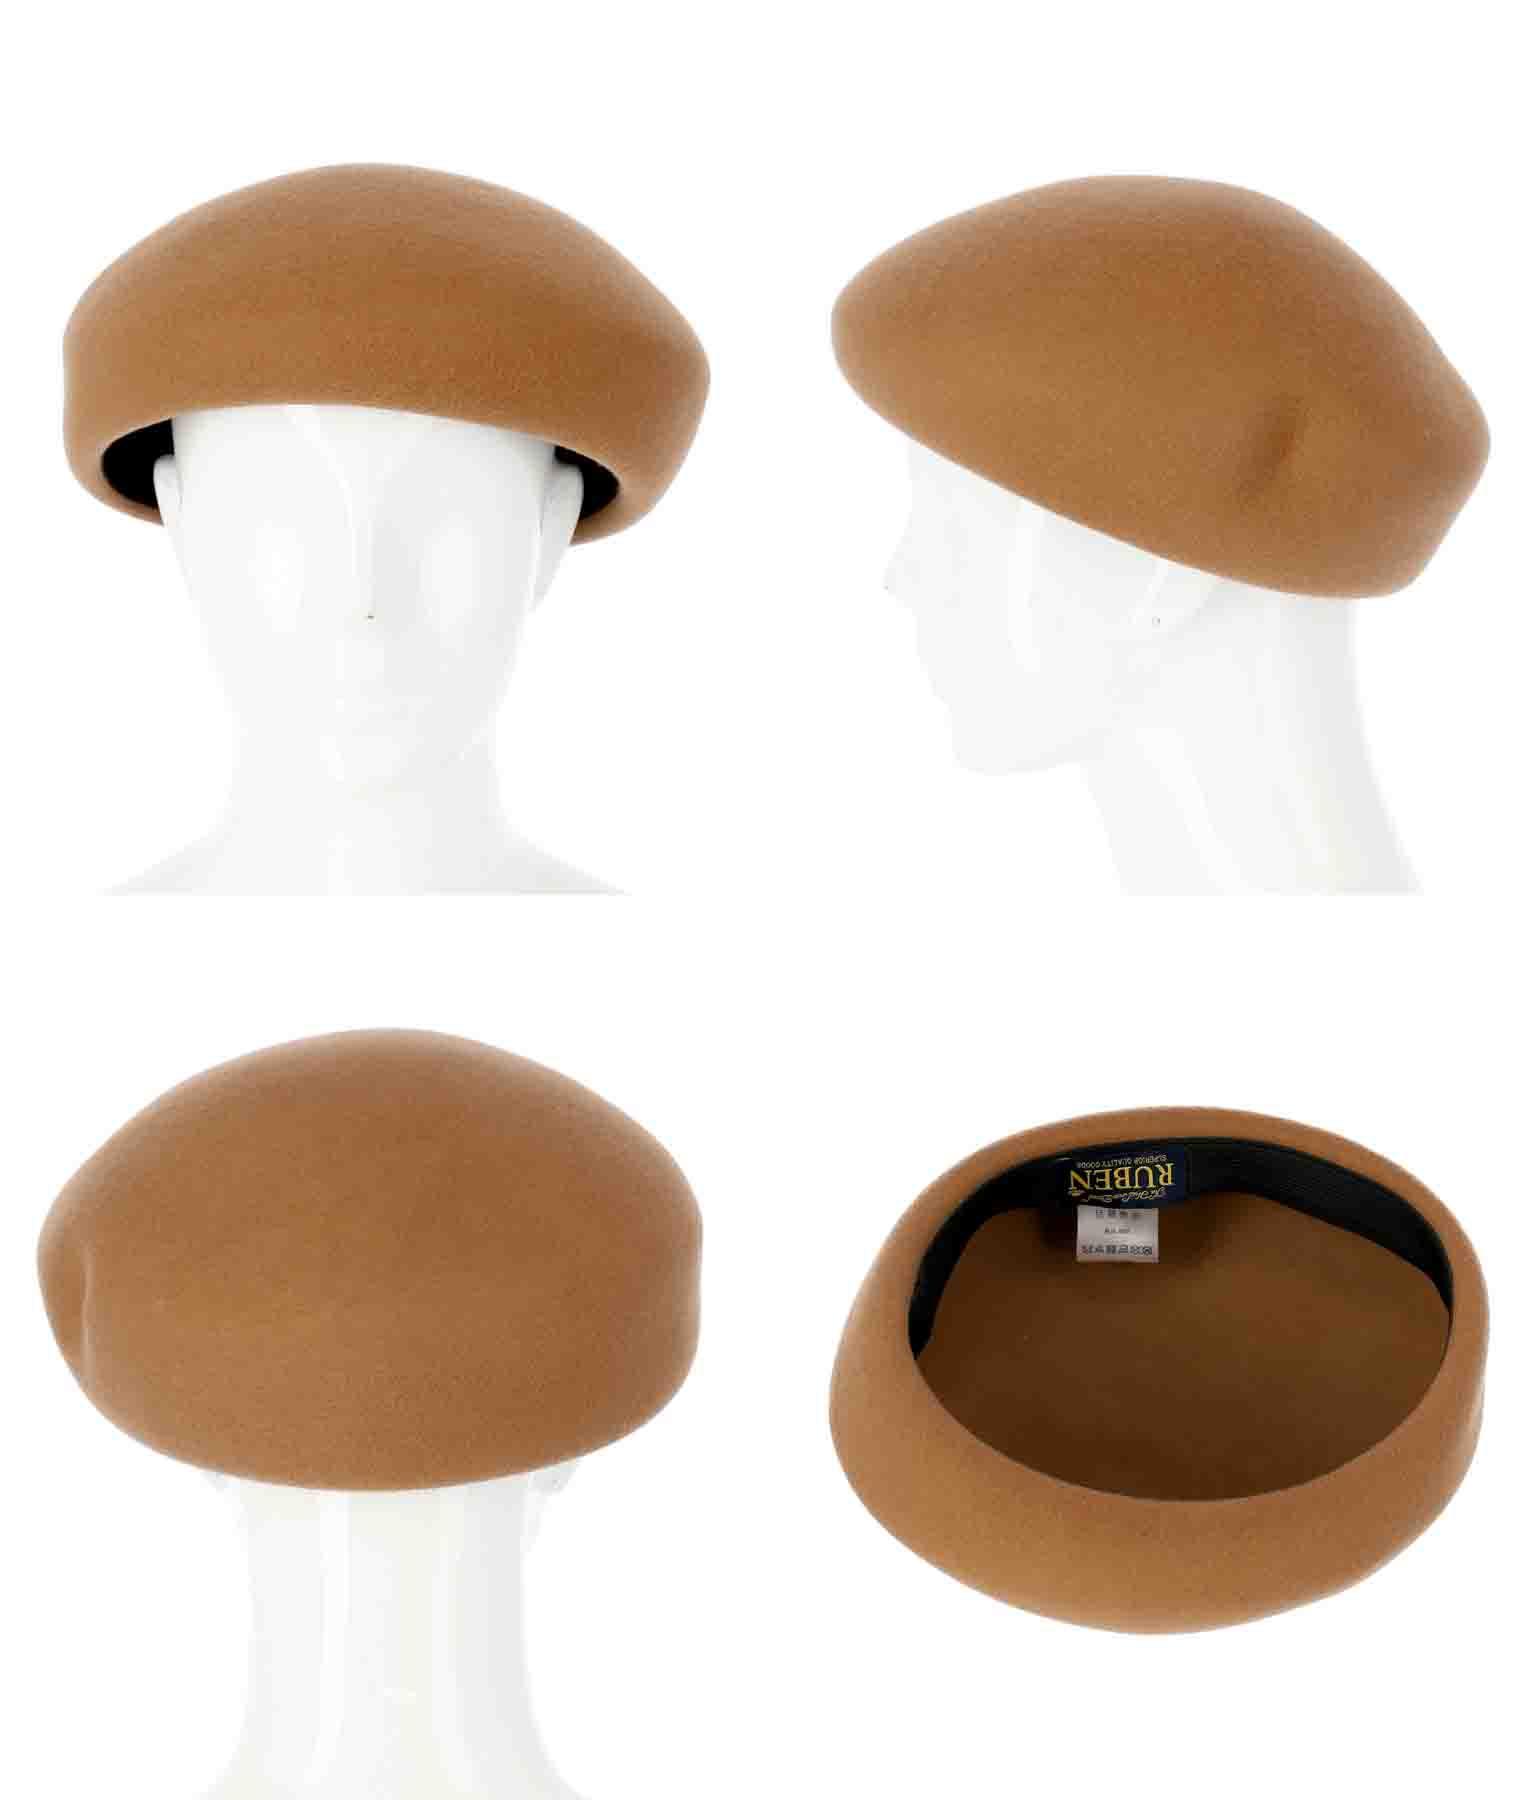 ウールアシンメトリーベレー帽(ファッション雑貨/ハット・キャップ・ニット帽 ・キャスケット・ベレー帽) | Settimissimo